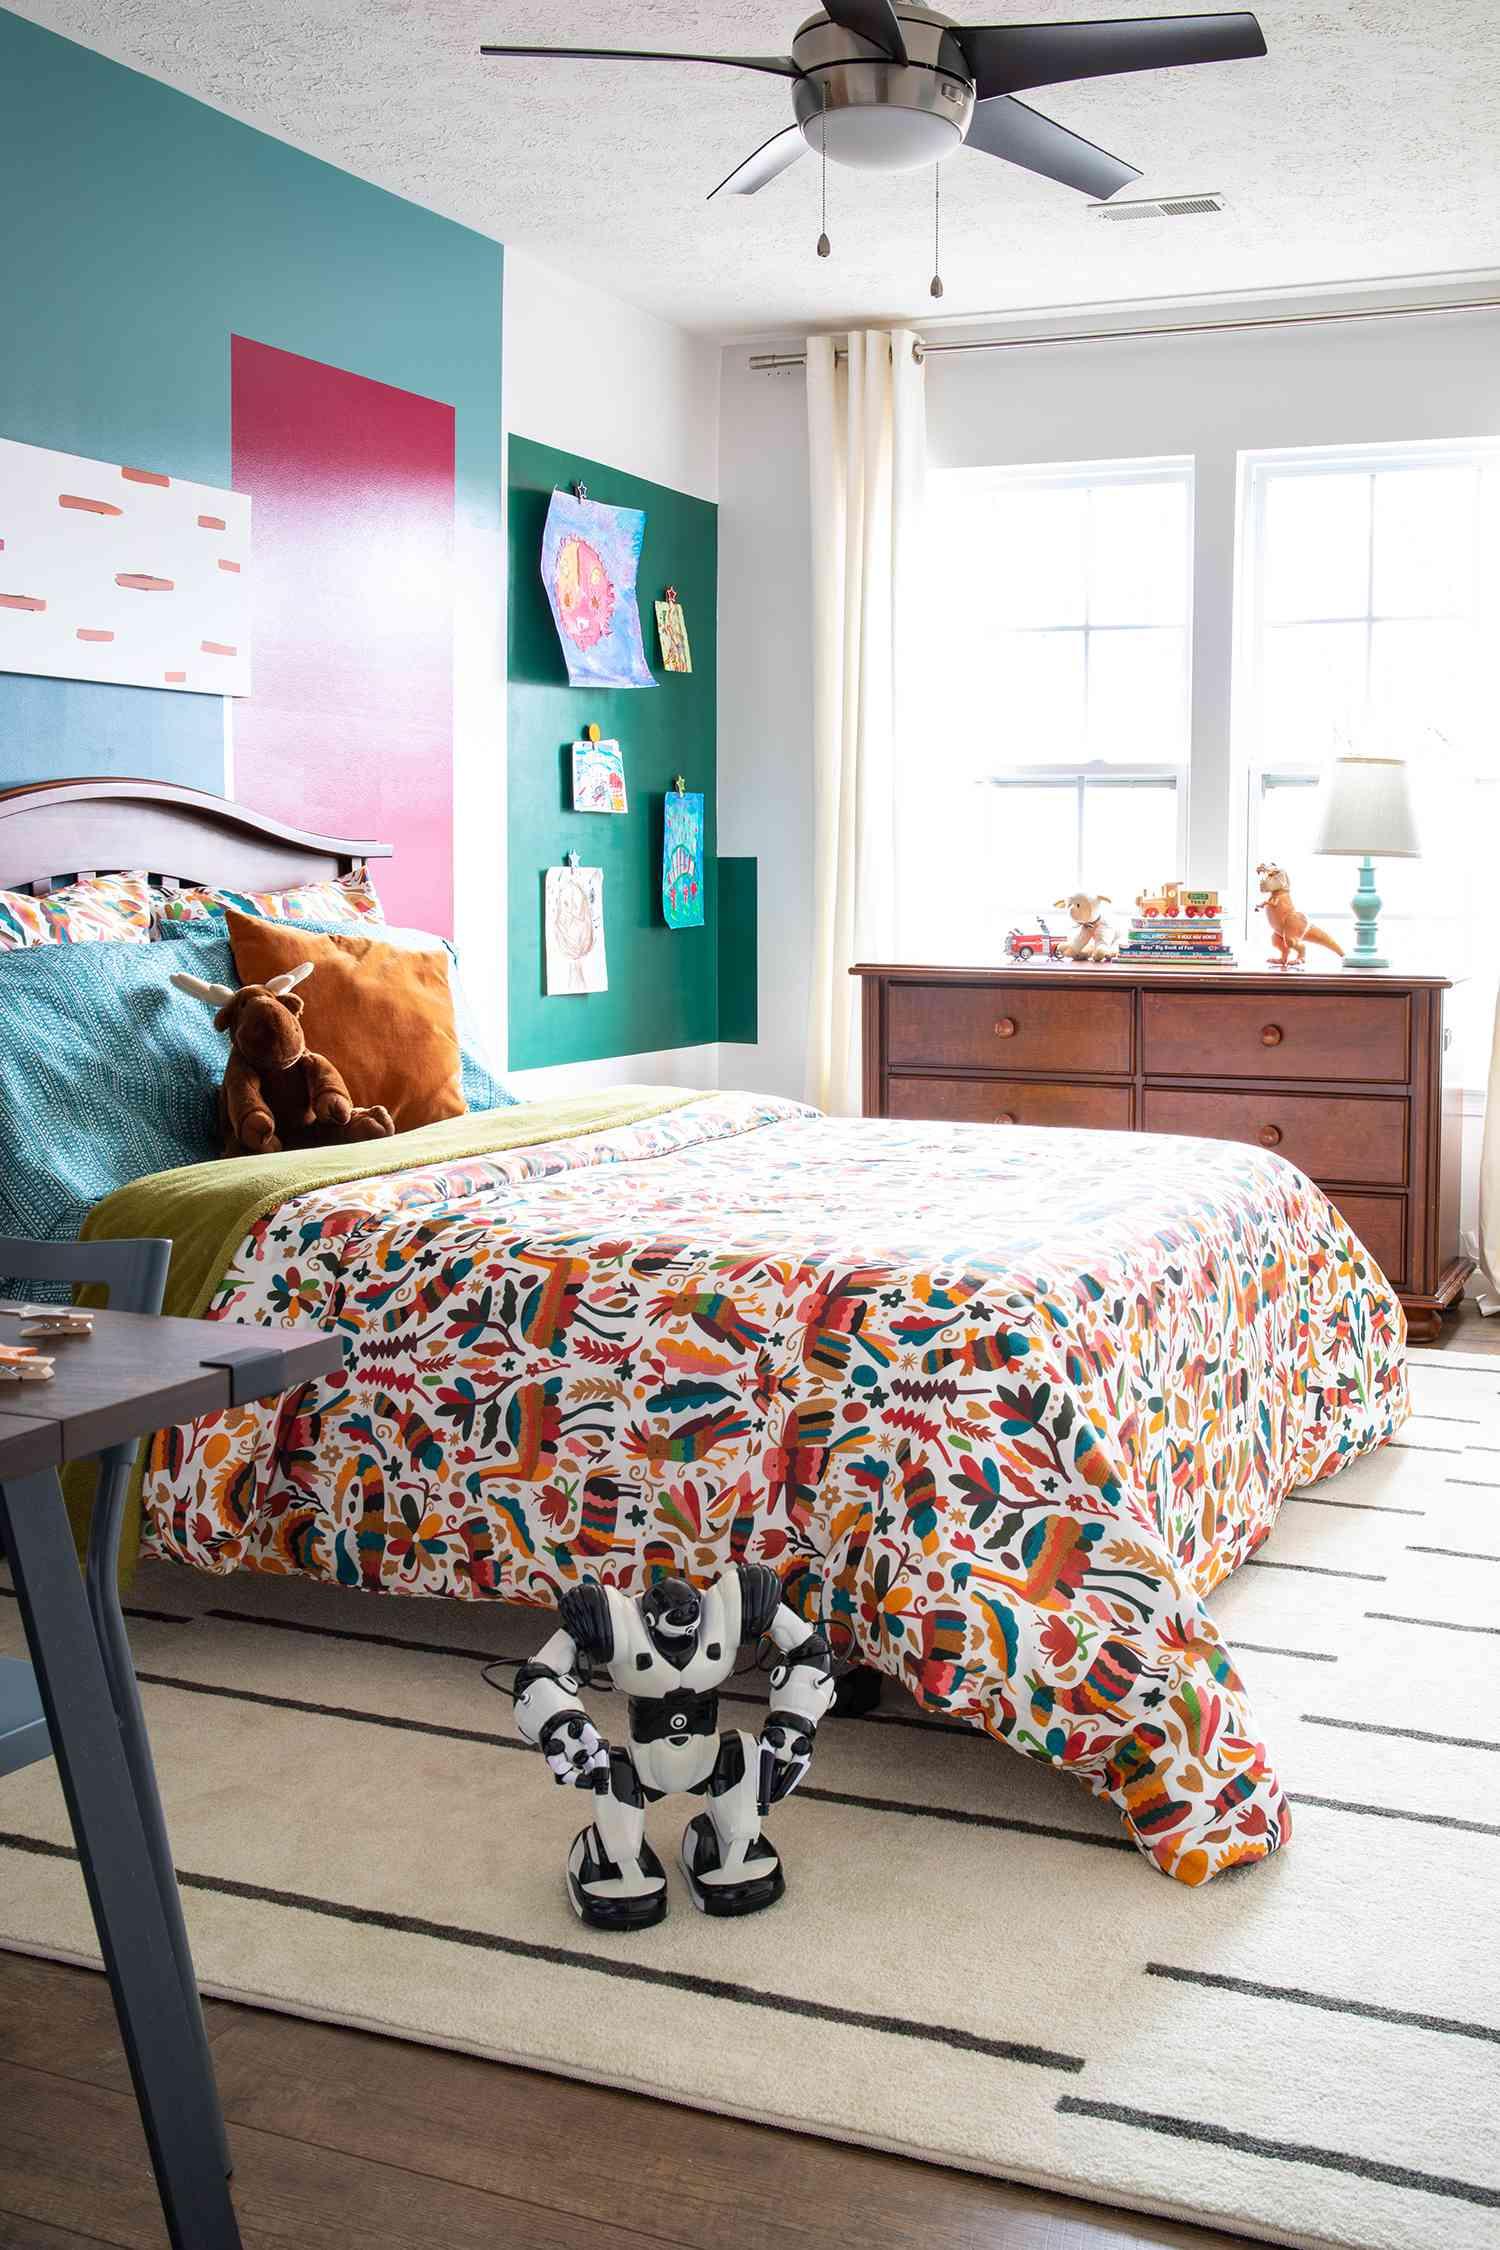 casa watkins living - son's bedroom